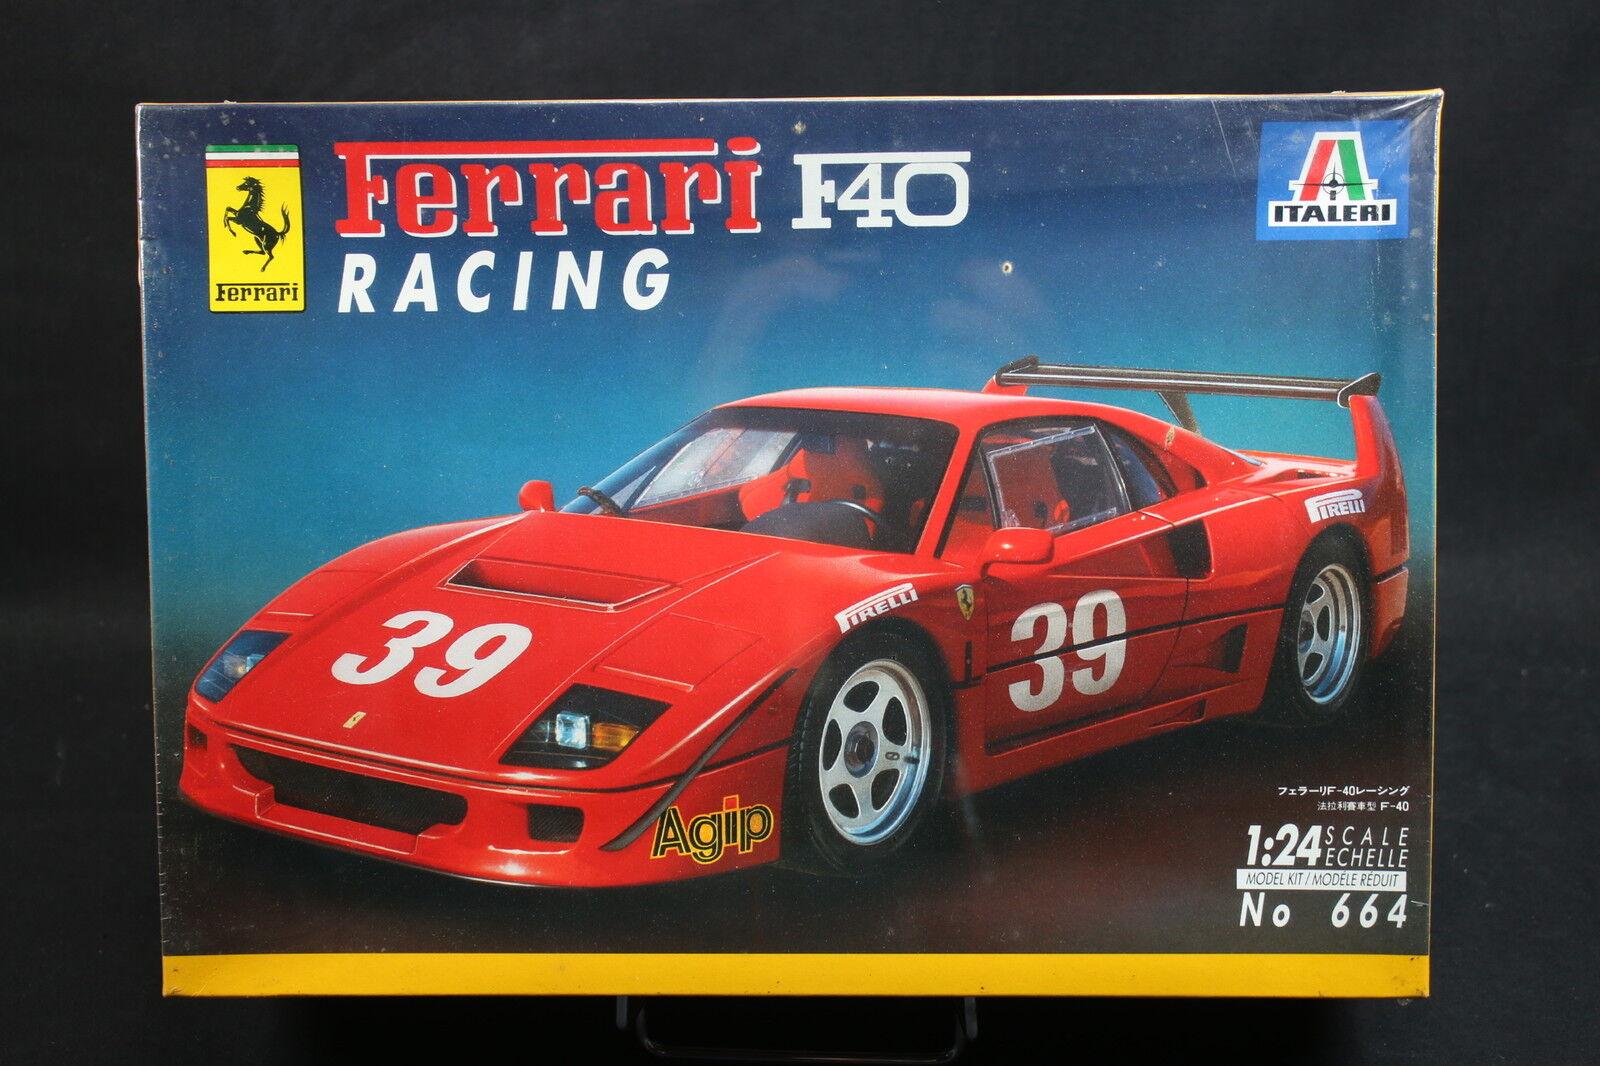 XW103 ITALERI 1 24 maquette voiture 664 Ferrari F40 Racing - Ptitoys